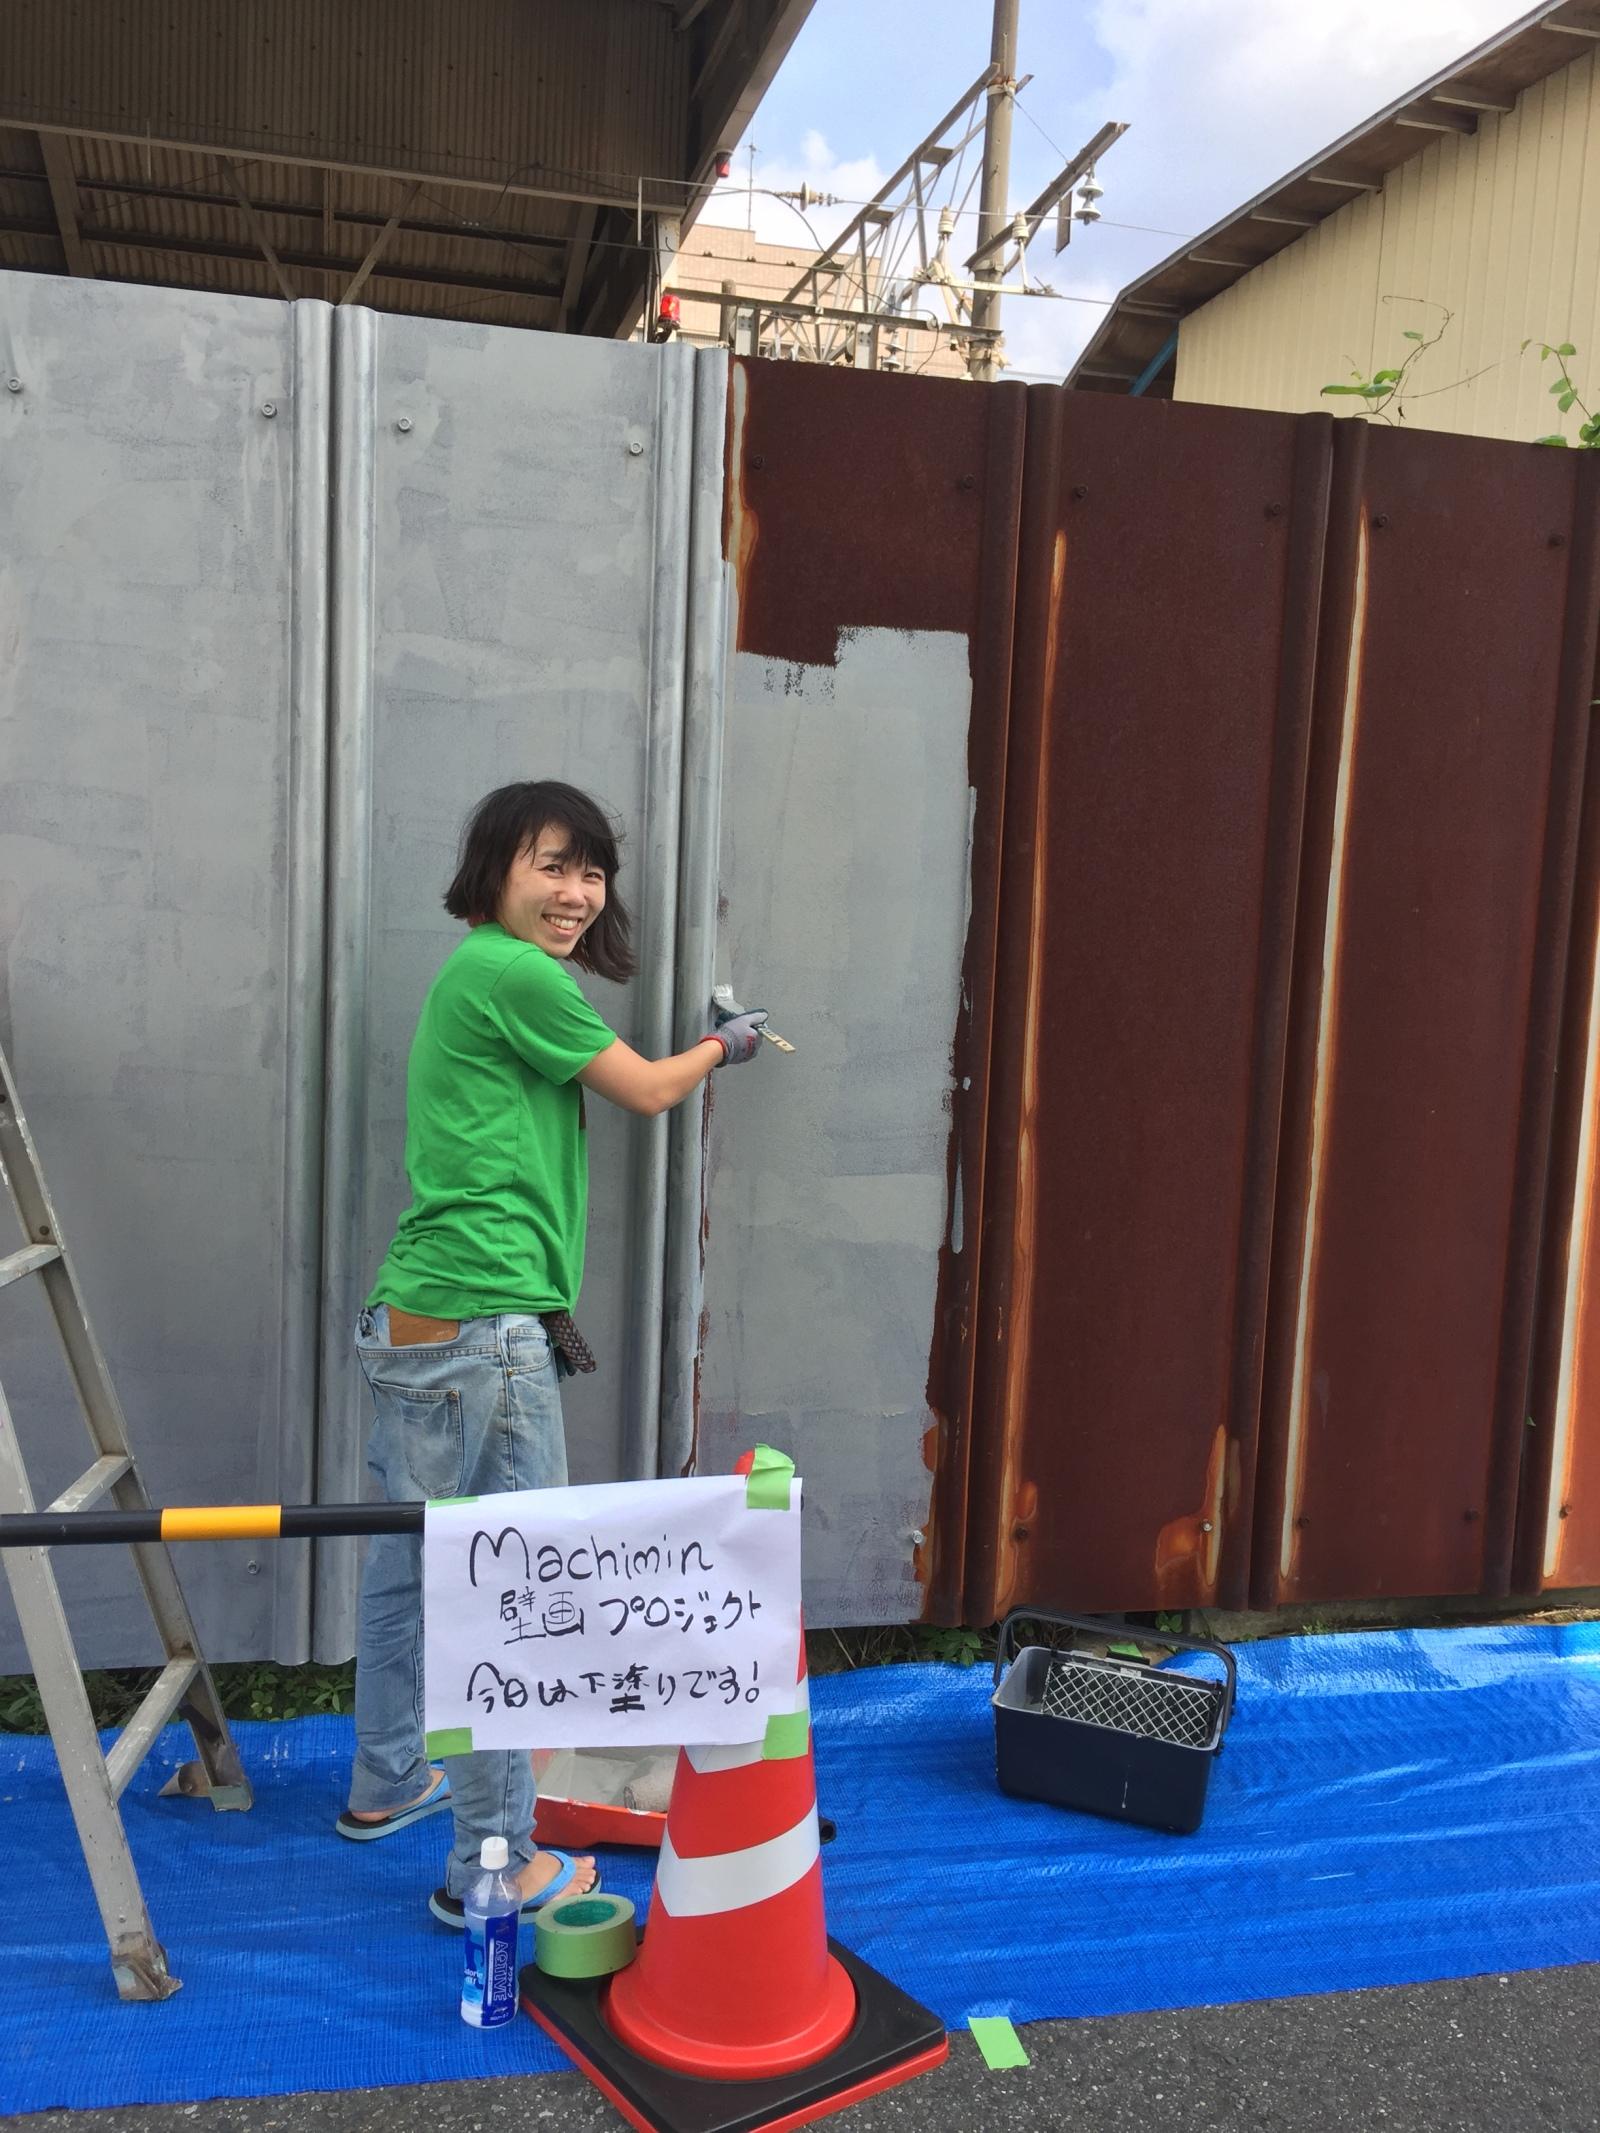 machimin壁画プロジェクト